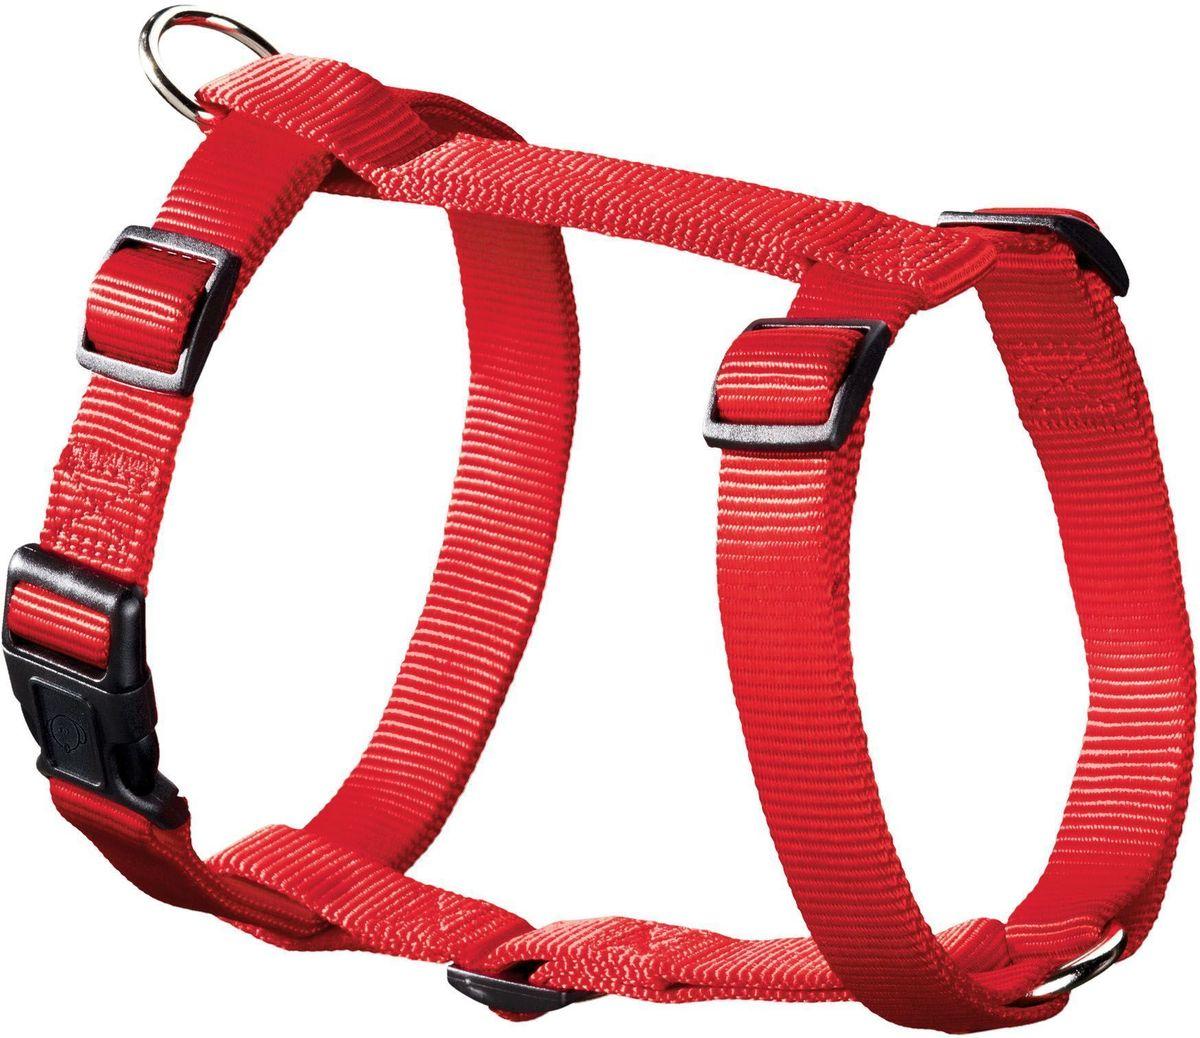 Шлейка для собак Hunter Smart. Ecco Sport XS, нейлоновая, обхват шеи: 23-35 см, обхват груди: 25-41 см, цвет: красный hunter smart hunter шлейка для собак manoa xs 35 41 см нейлон сетчатый текстиль голубой